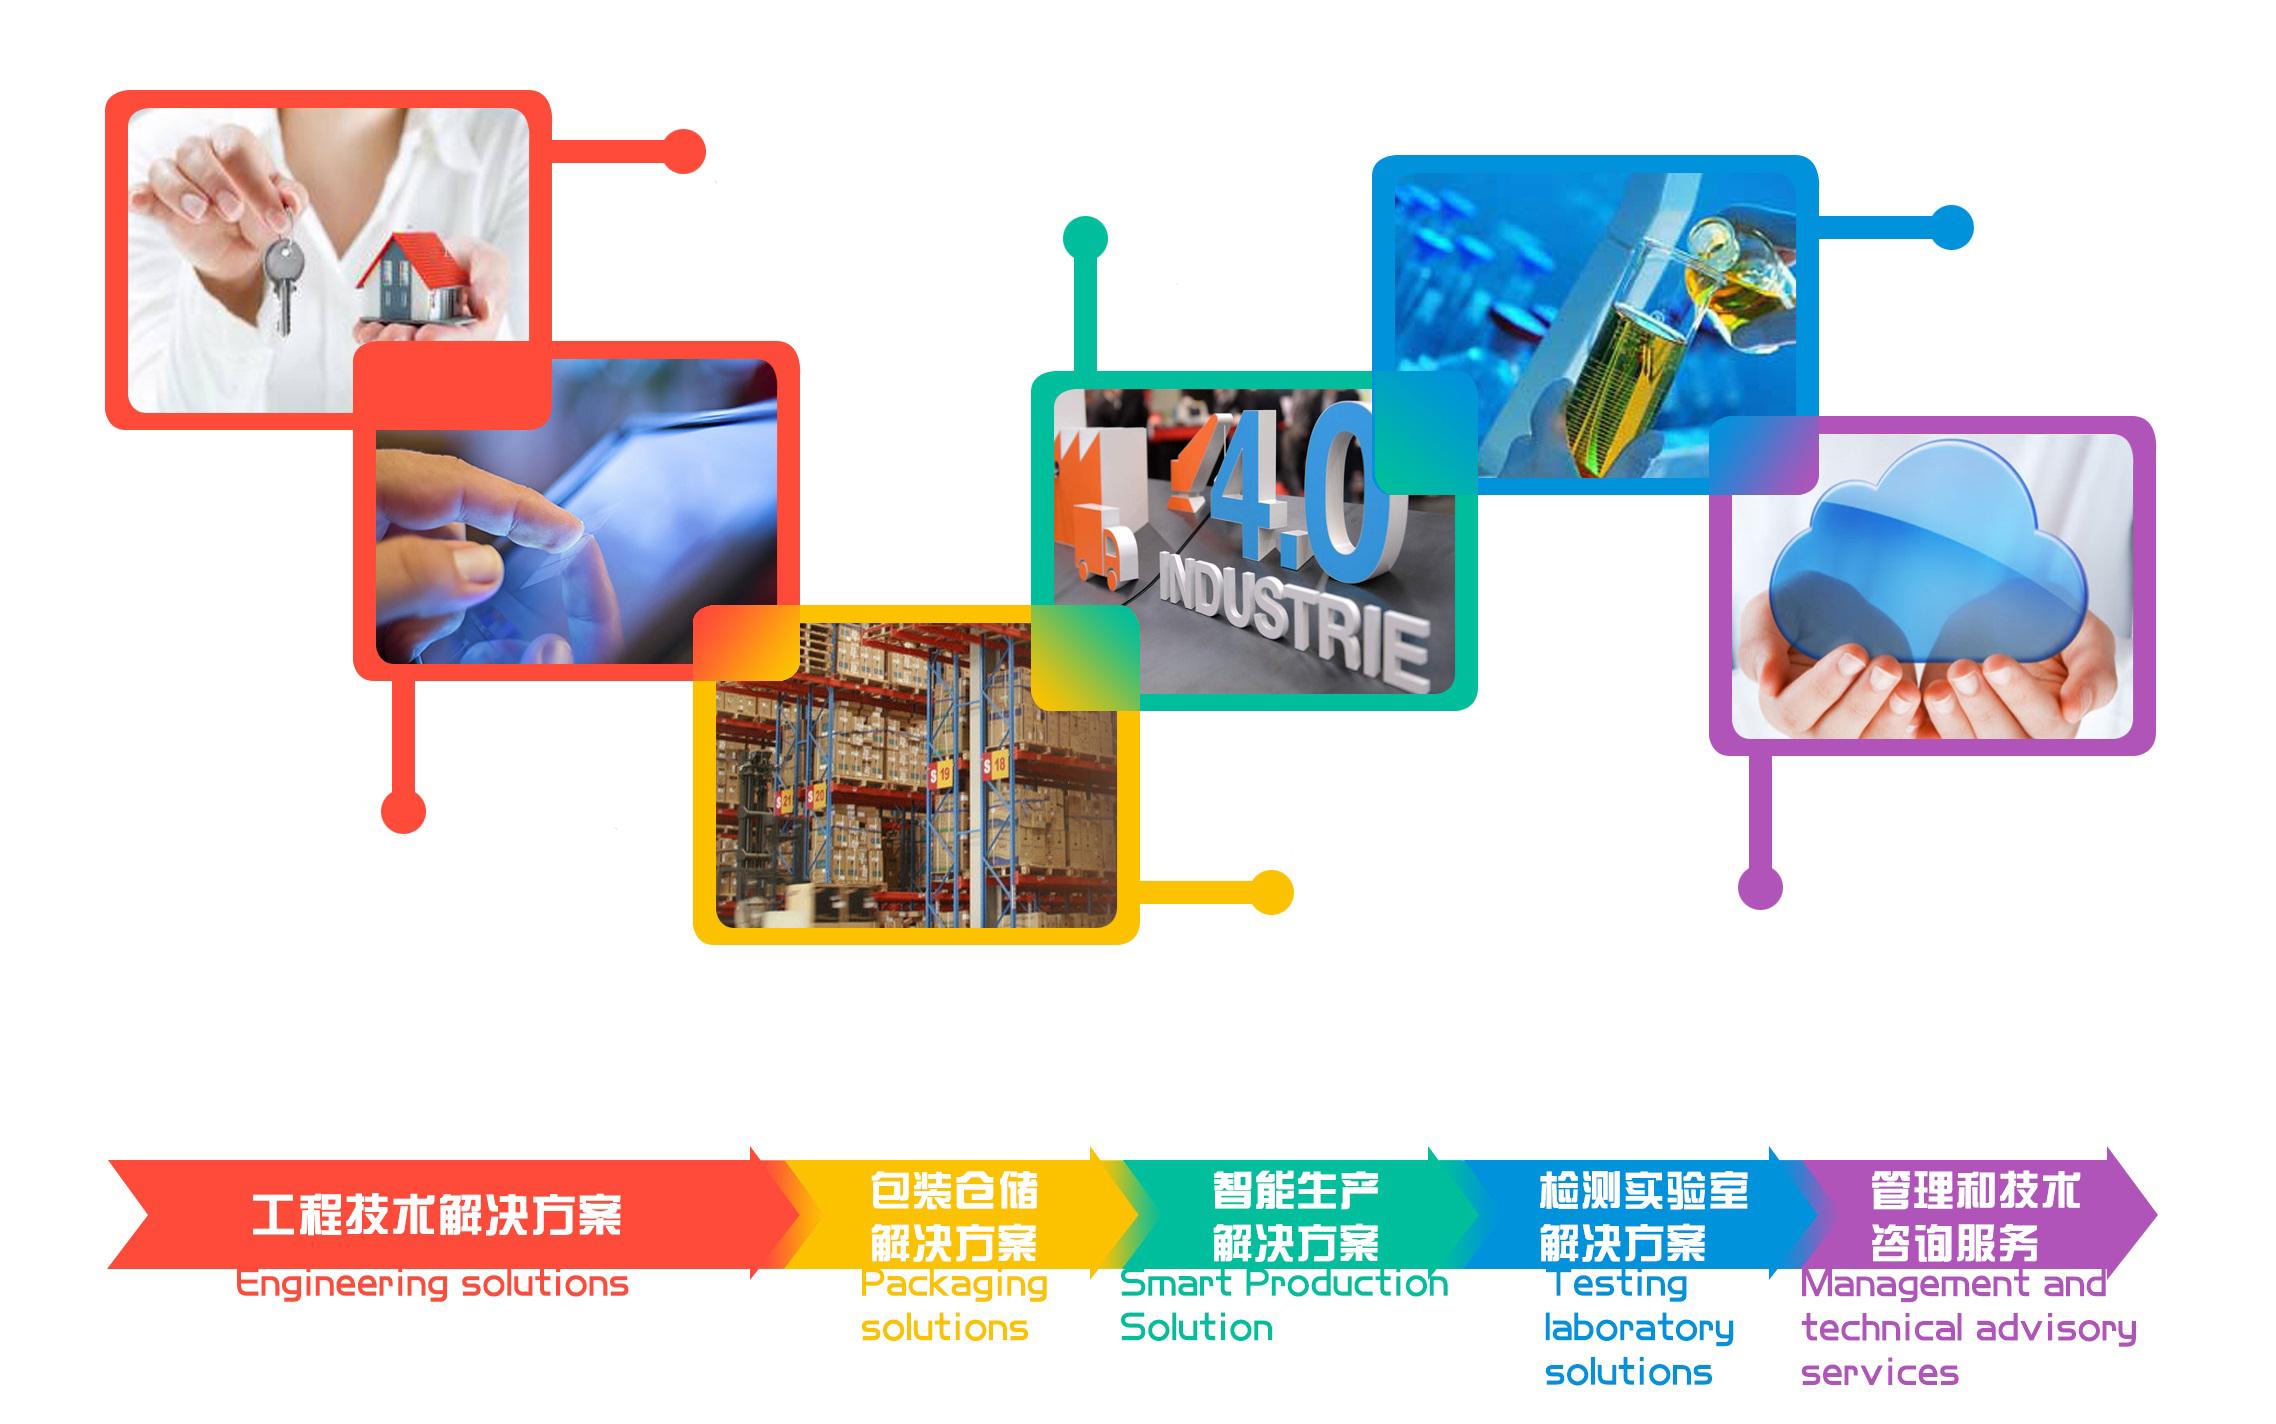 武松国际注册官网科技